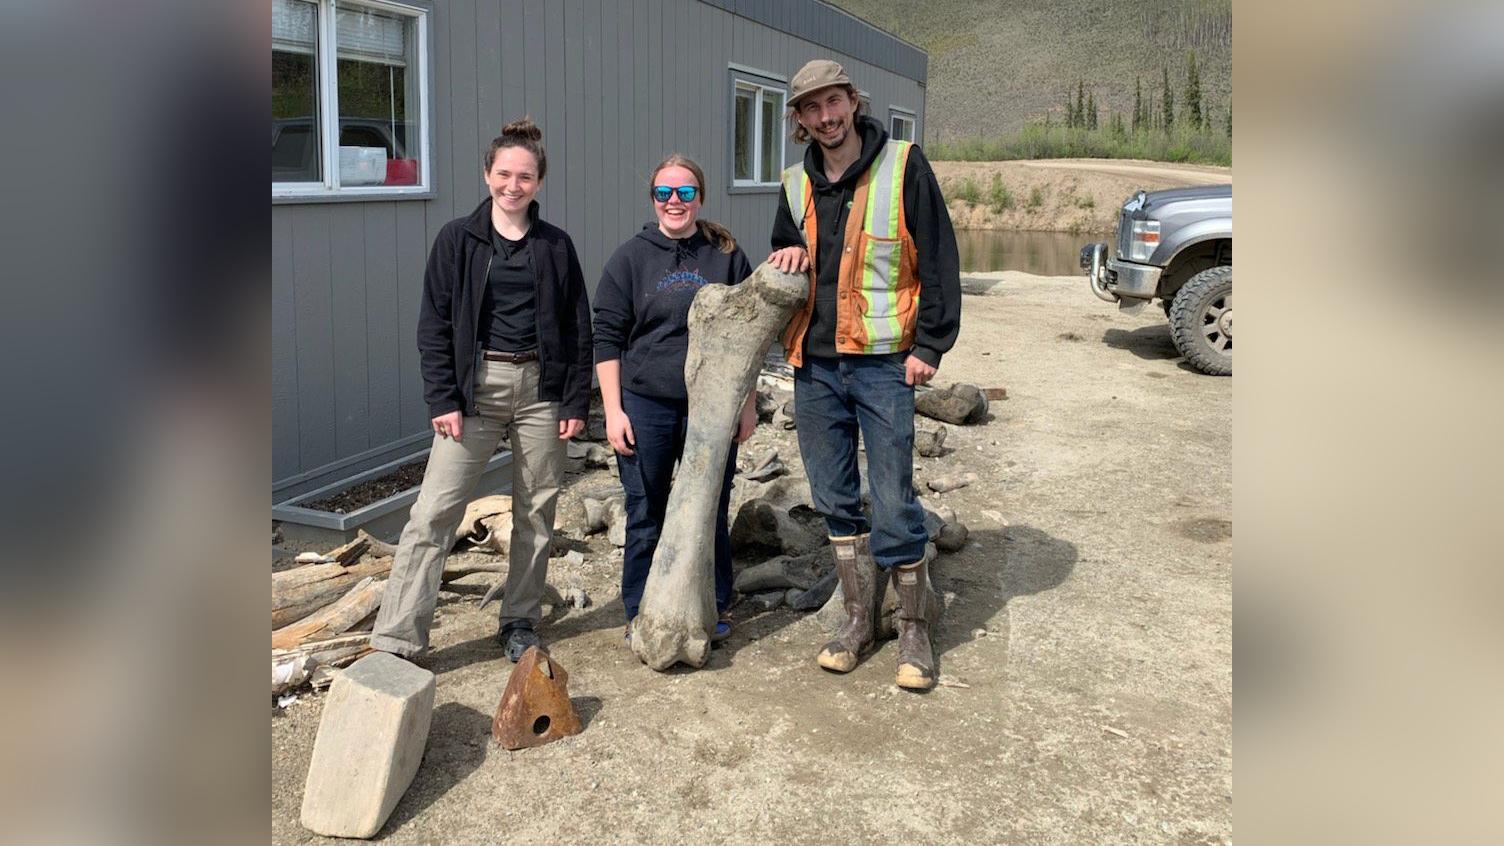 Les membres de l'équipe posent avec certains des os de mammouth trouvés dans la mine Little Flake, près de Dawson City, au Yukon.